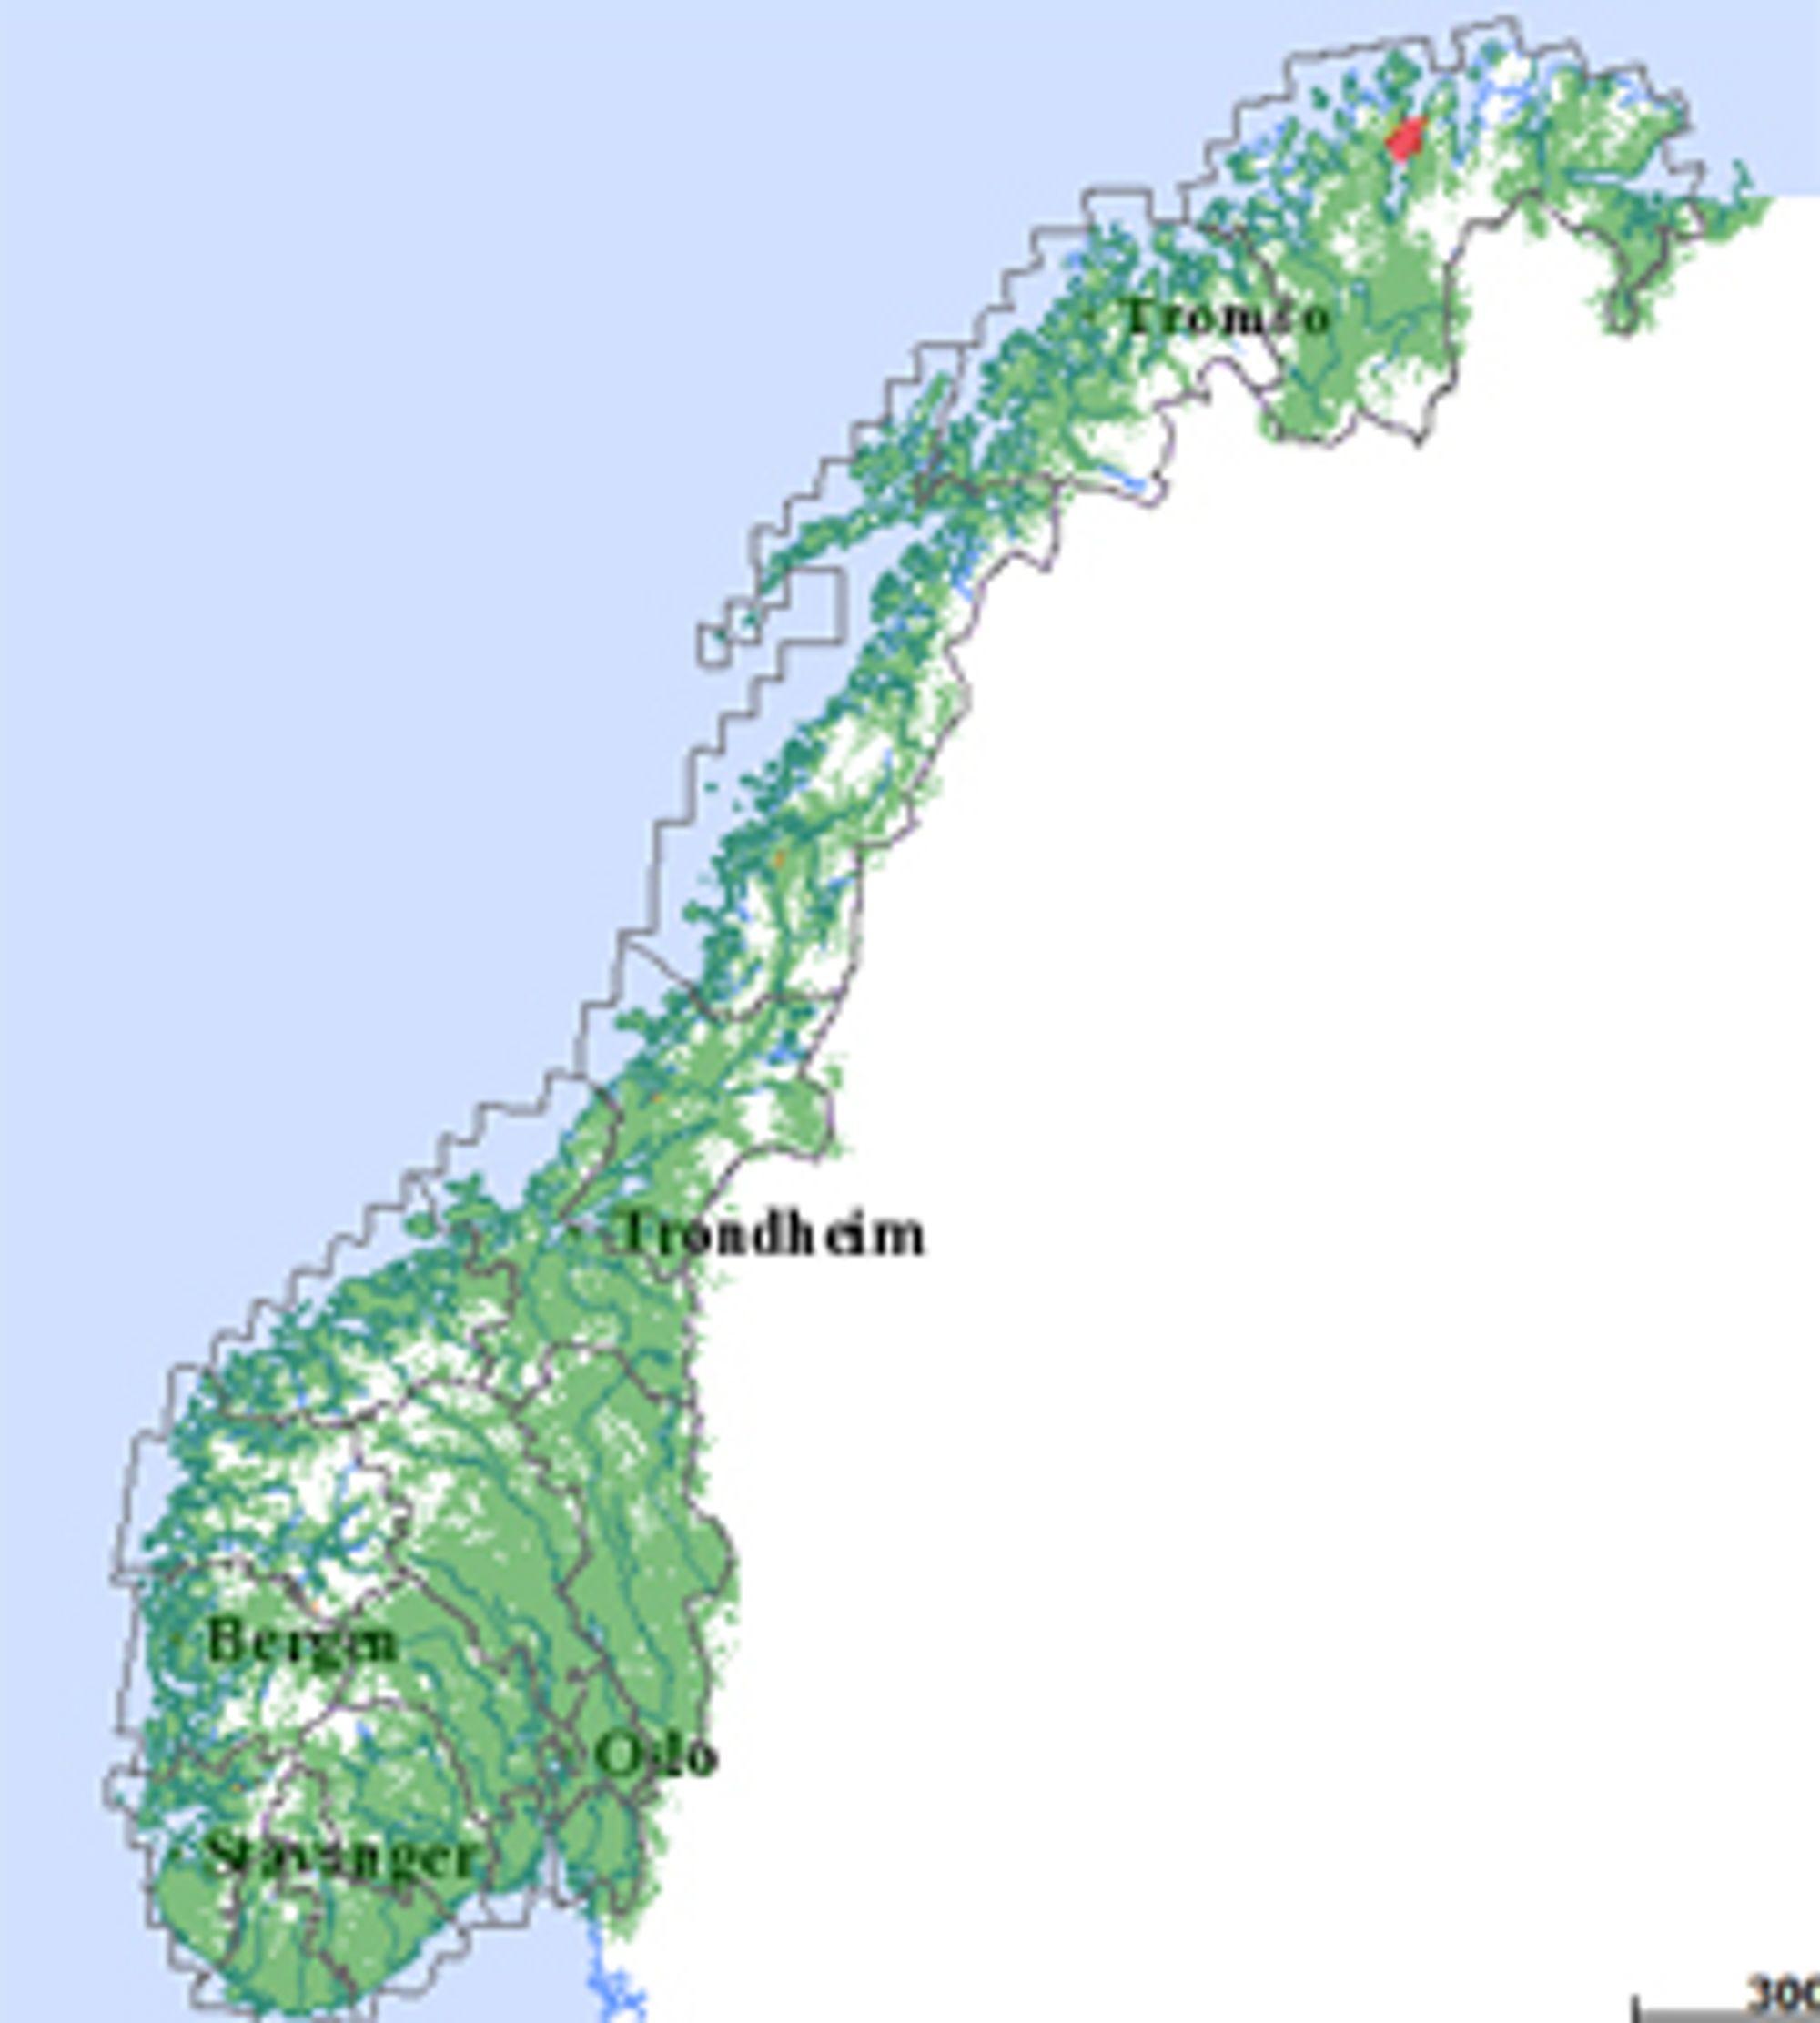 Dette kartet viser hvor Netcom sliter. I øyeblikket er det Hammerfest som er rammet.